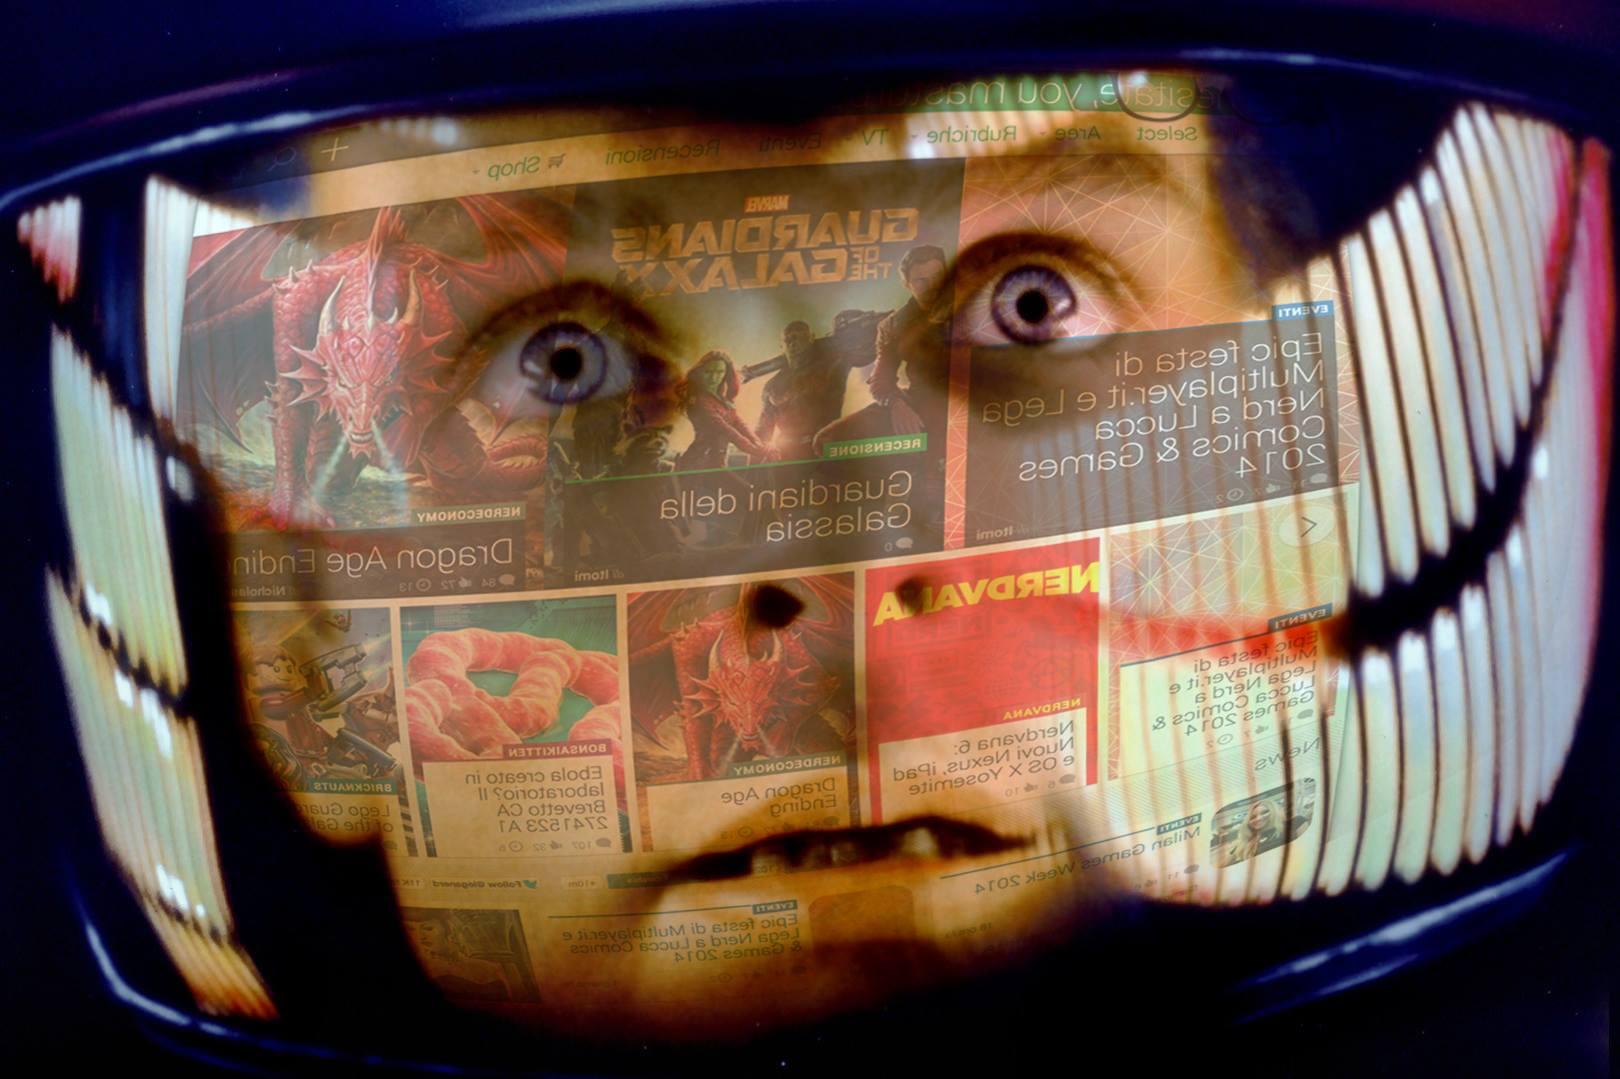 2001: Odissea nello Spazio - Trailer